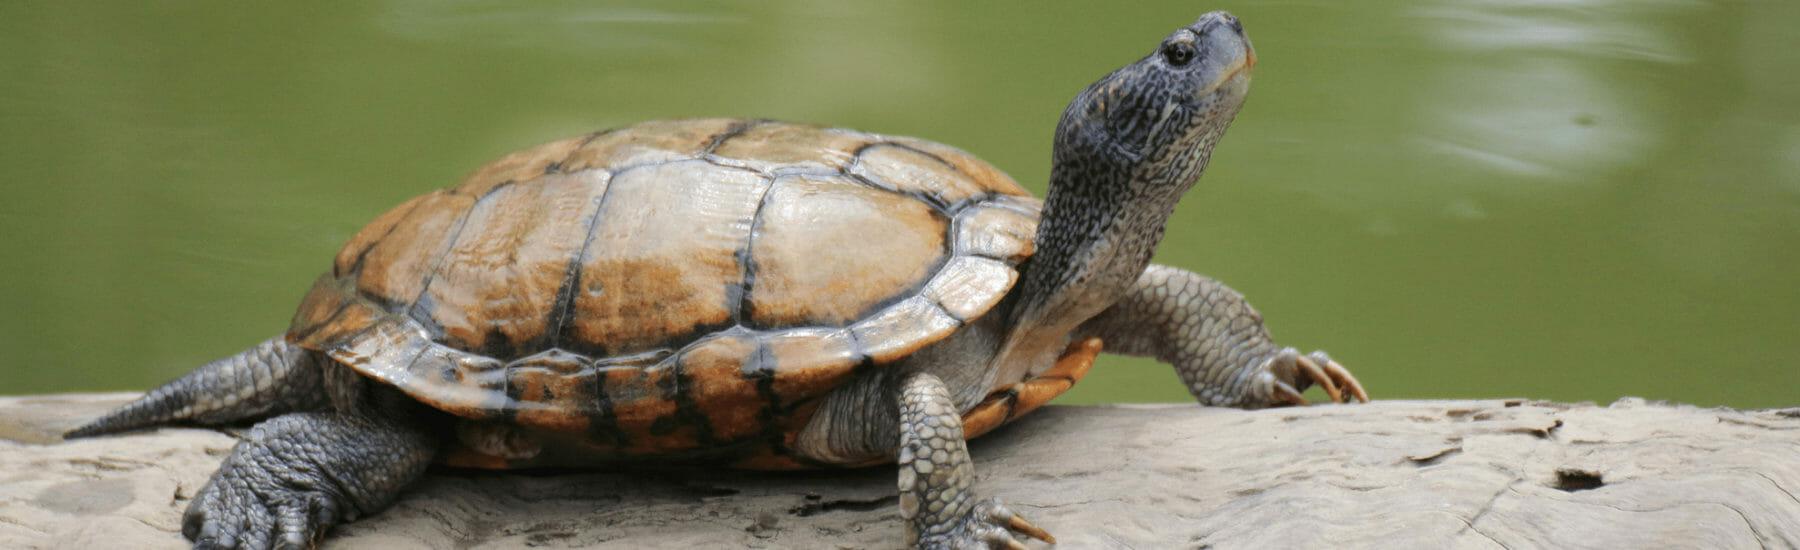 Turtle laying on log